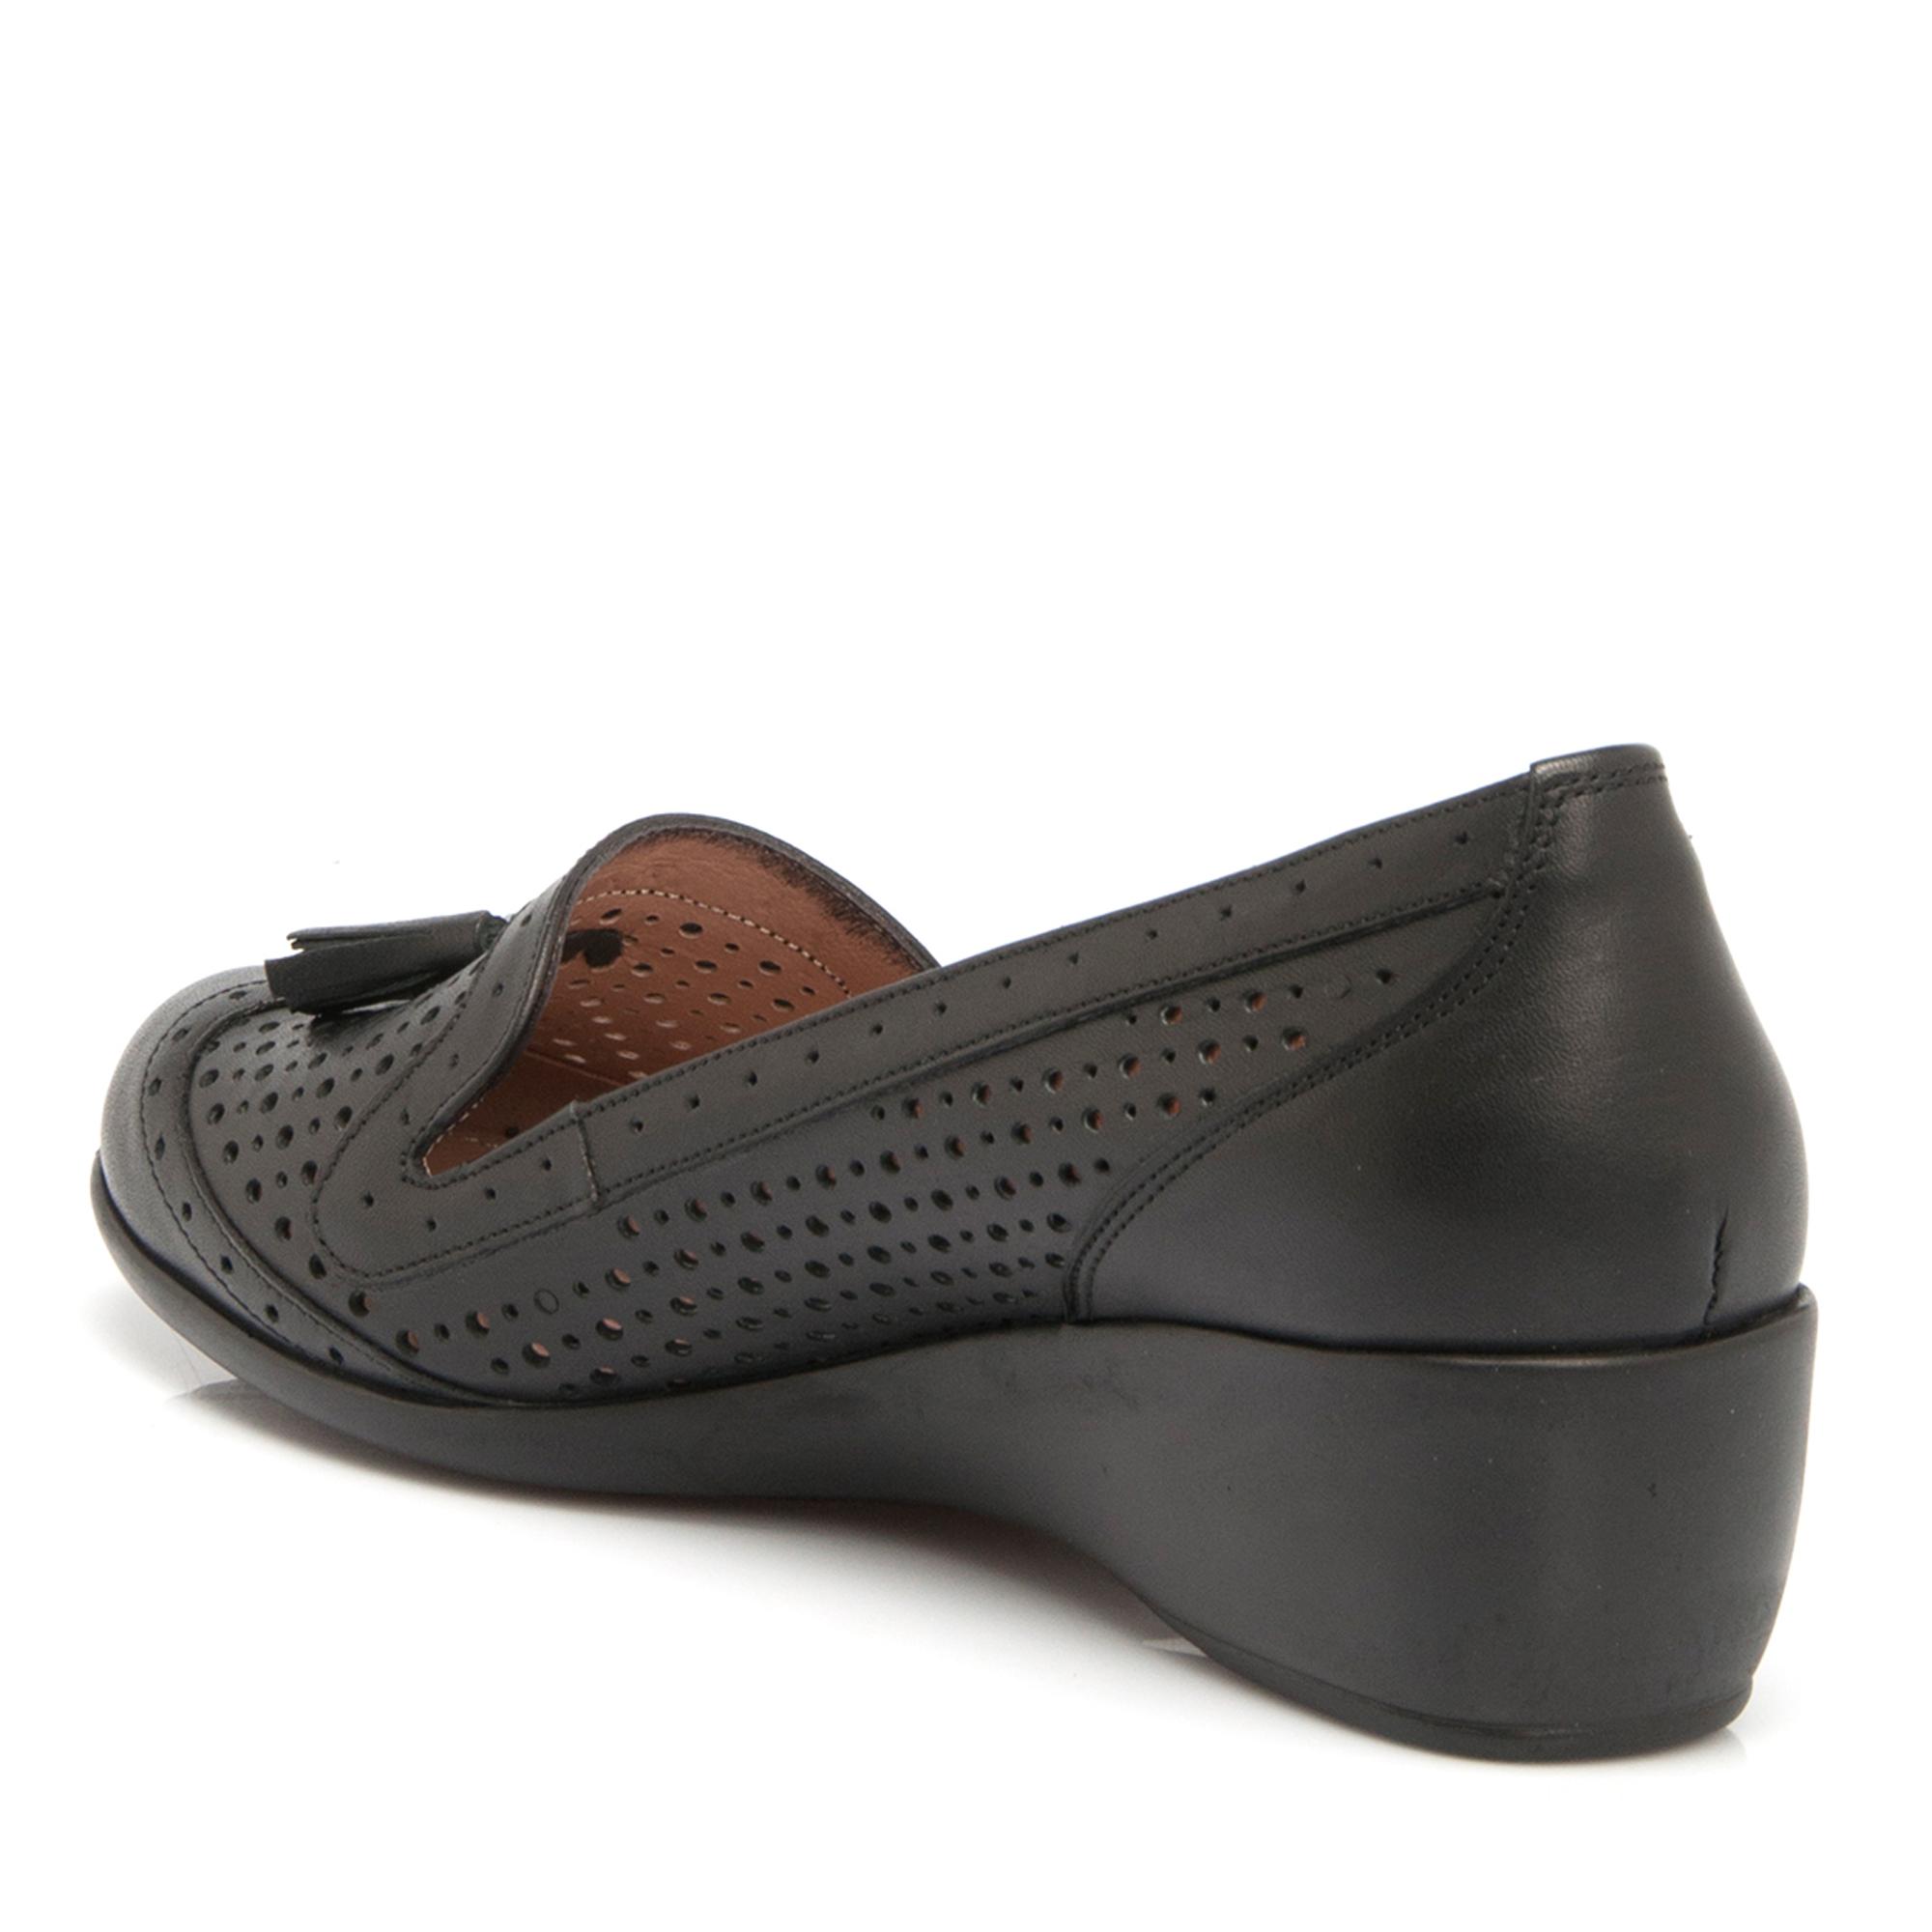 Siyah Deri Kadın Ayakkabı 64202A23